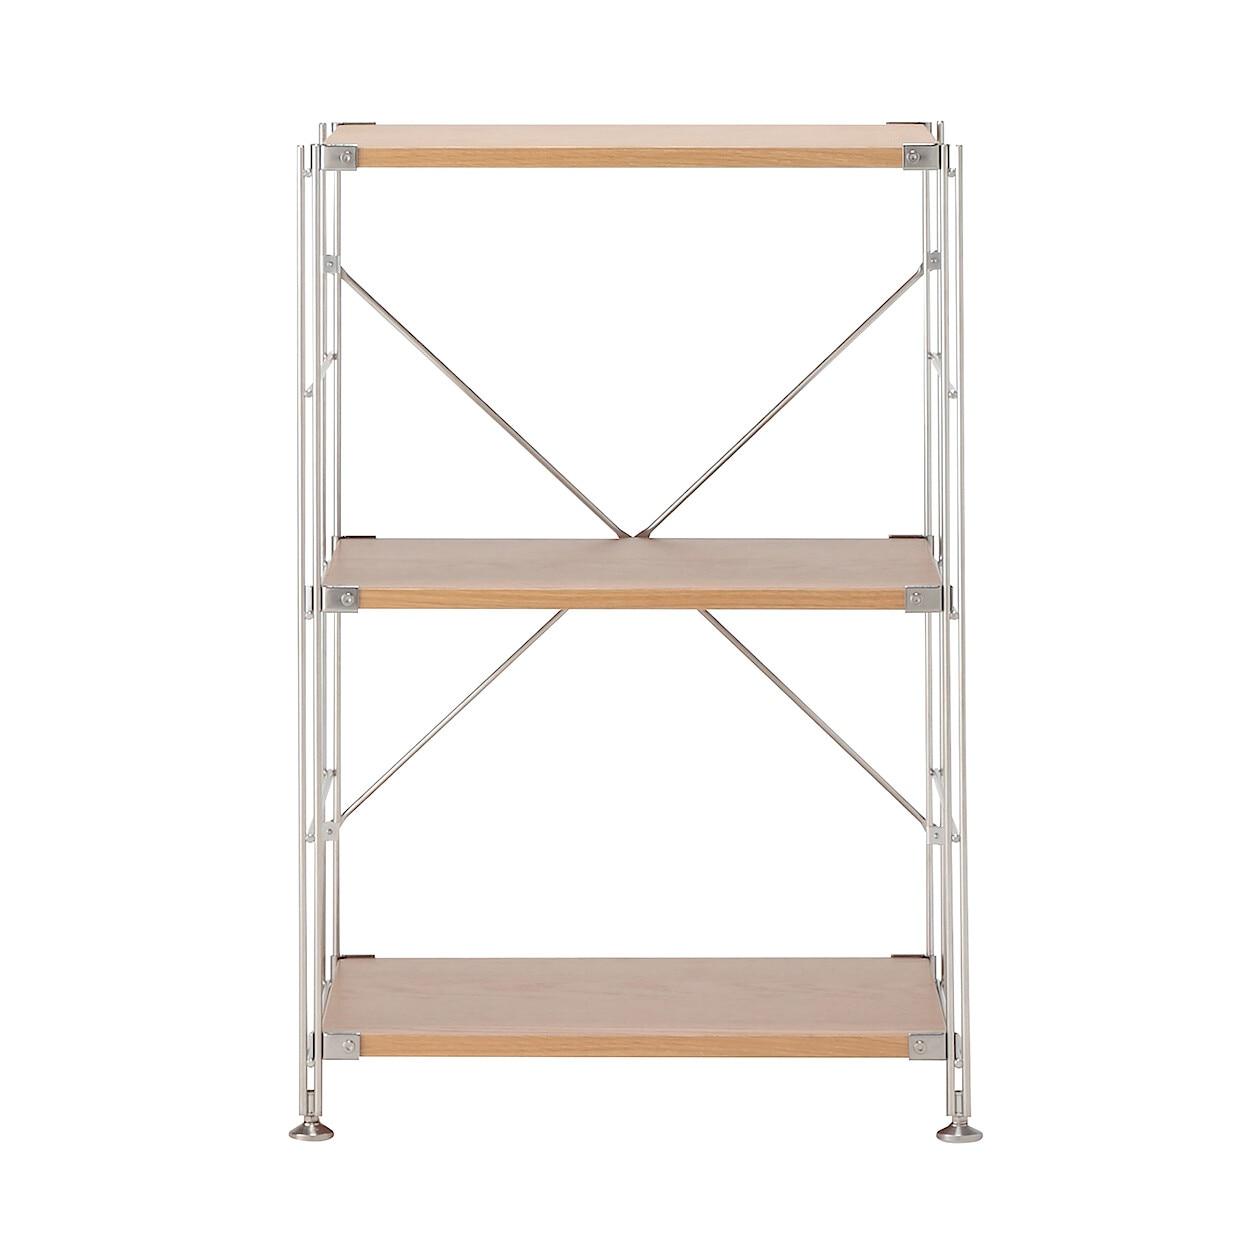 全体的に食器棚を見たとき、棚板が横一線に揃ってたほうがスッキリきれいに、しかも整然と並んでるように見えます。